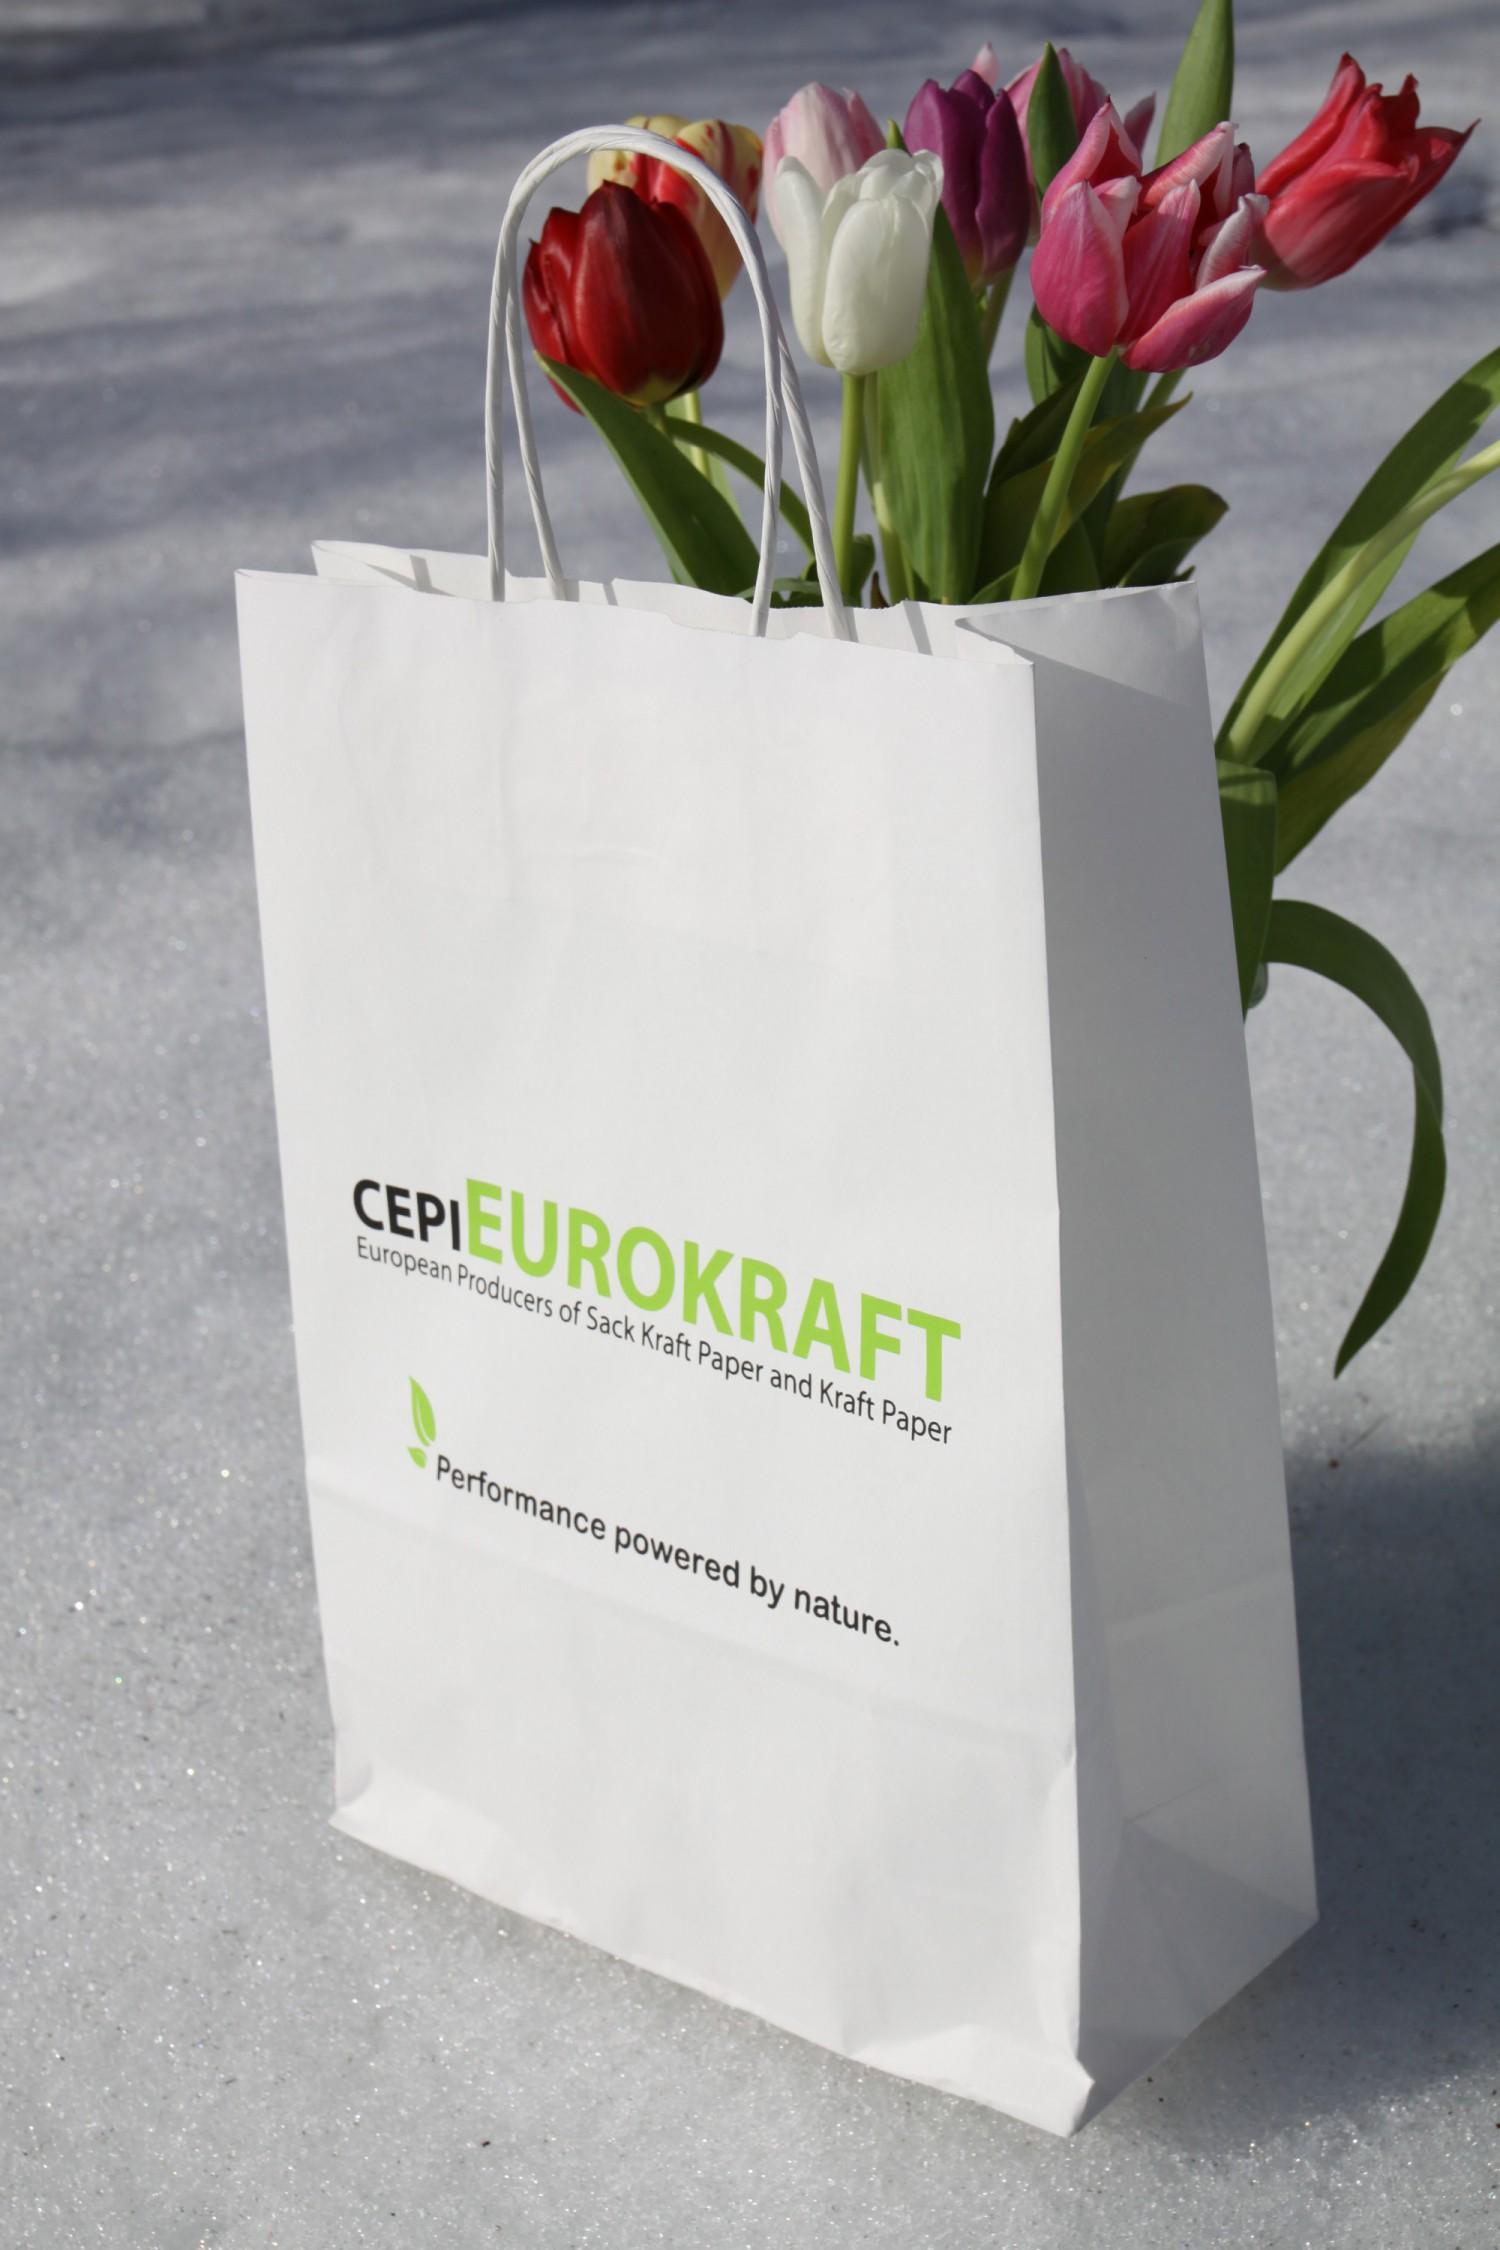 Tragetaschen aus Papier – der Umwelt zuliebe